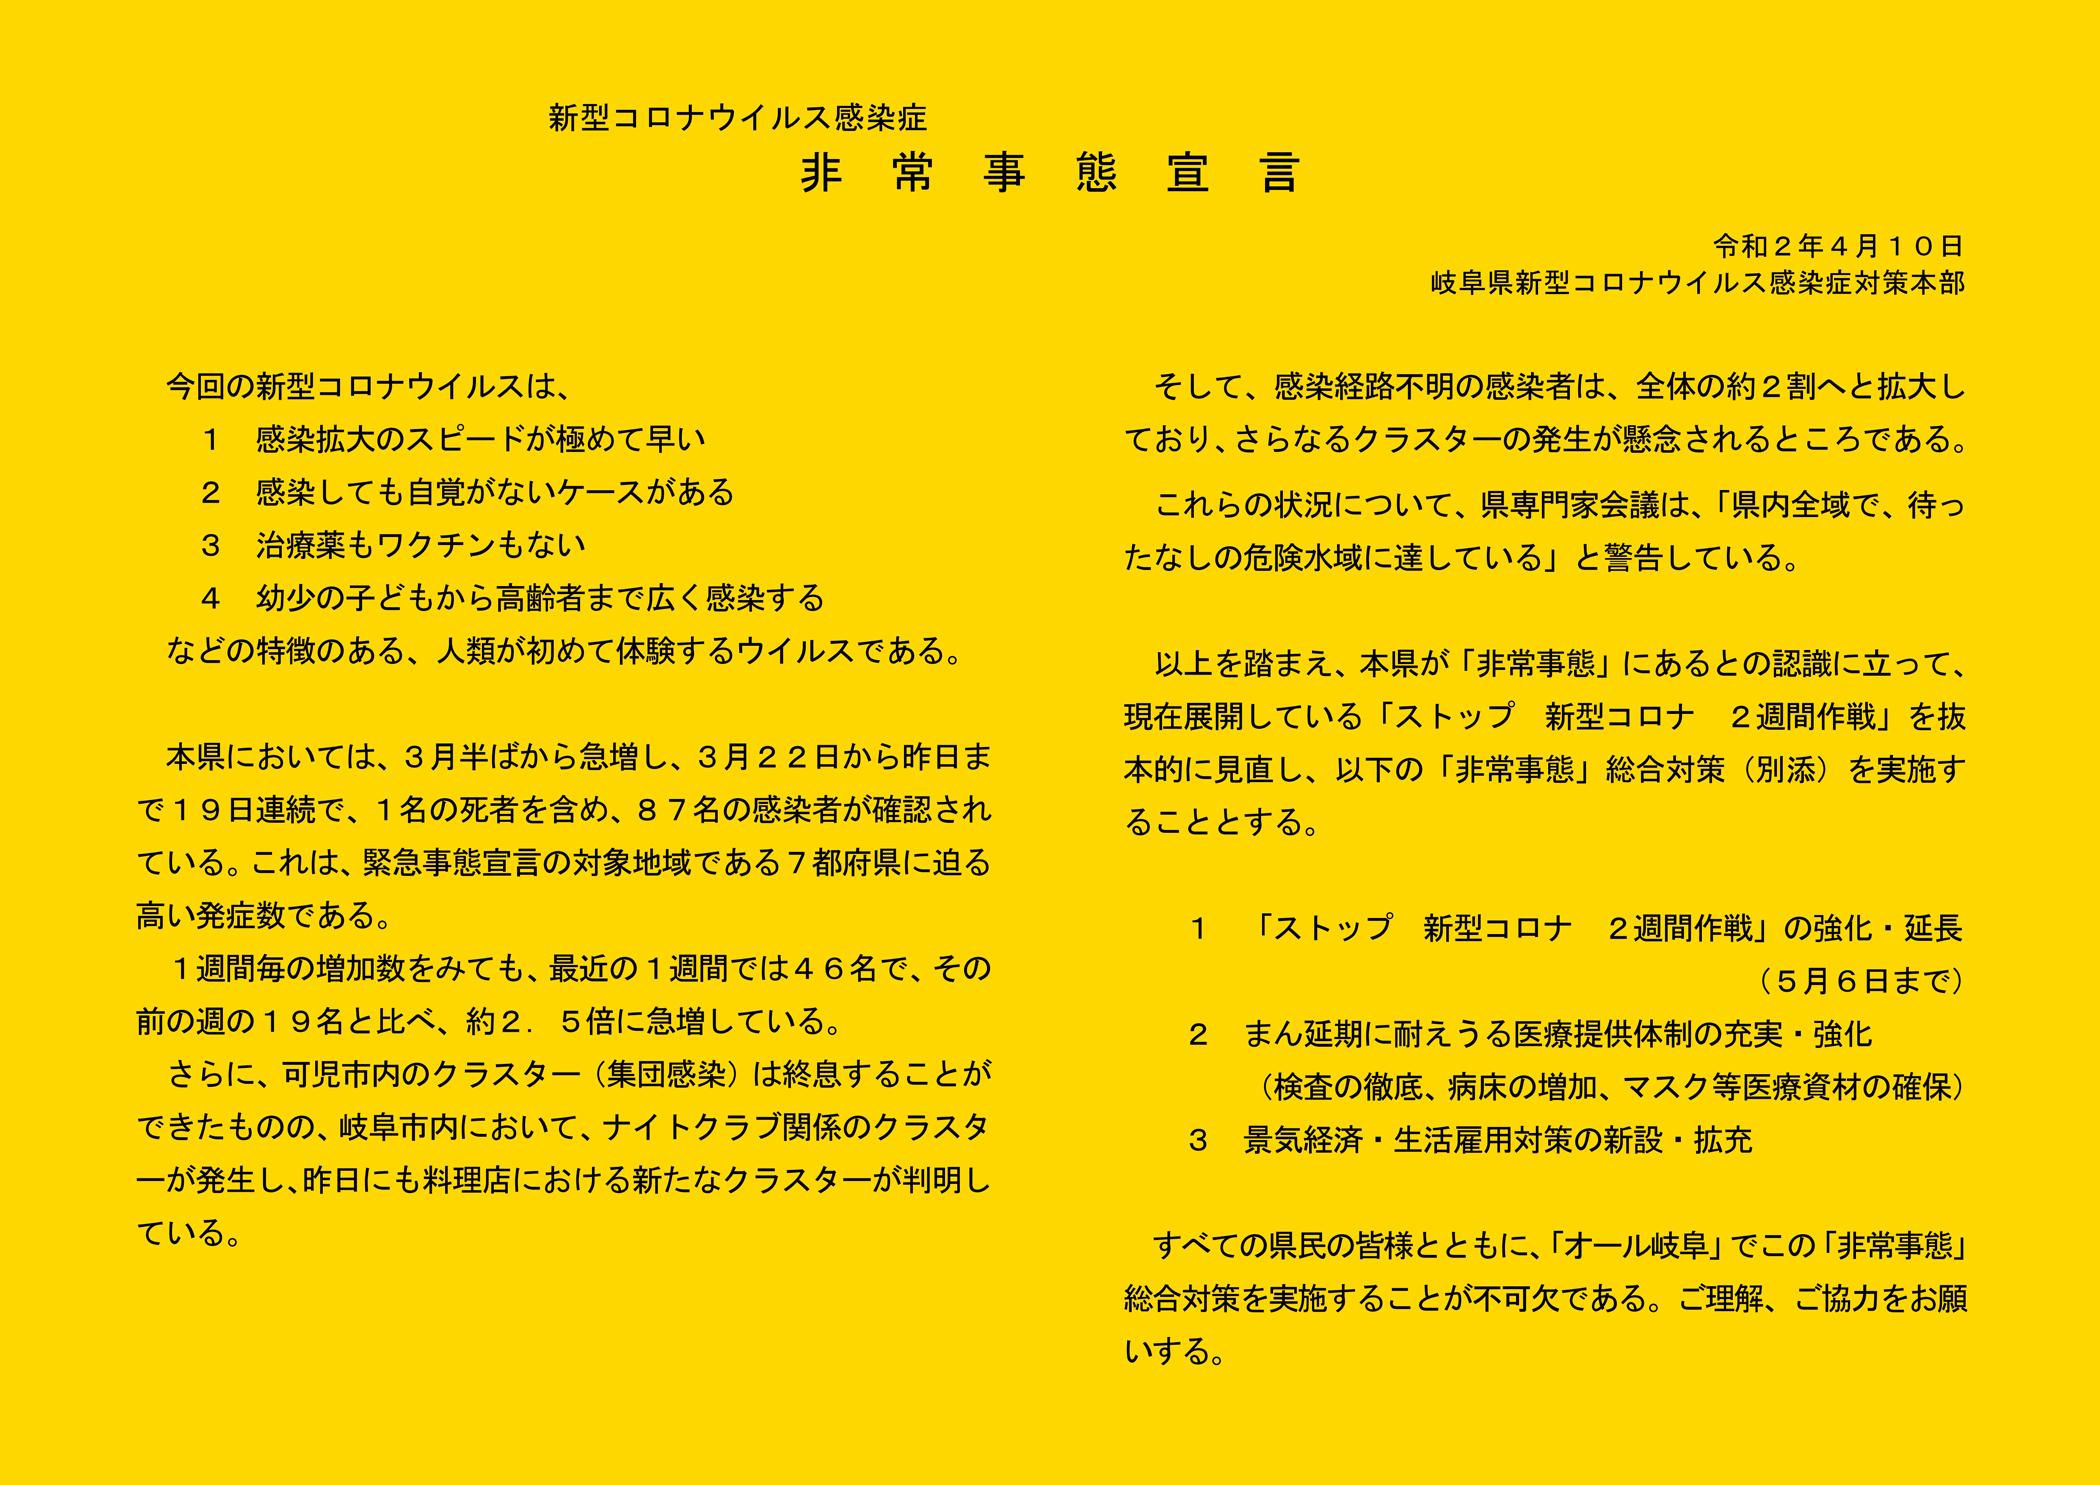 岐阜 県 の コロナ 感染 者